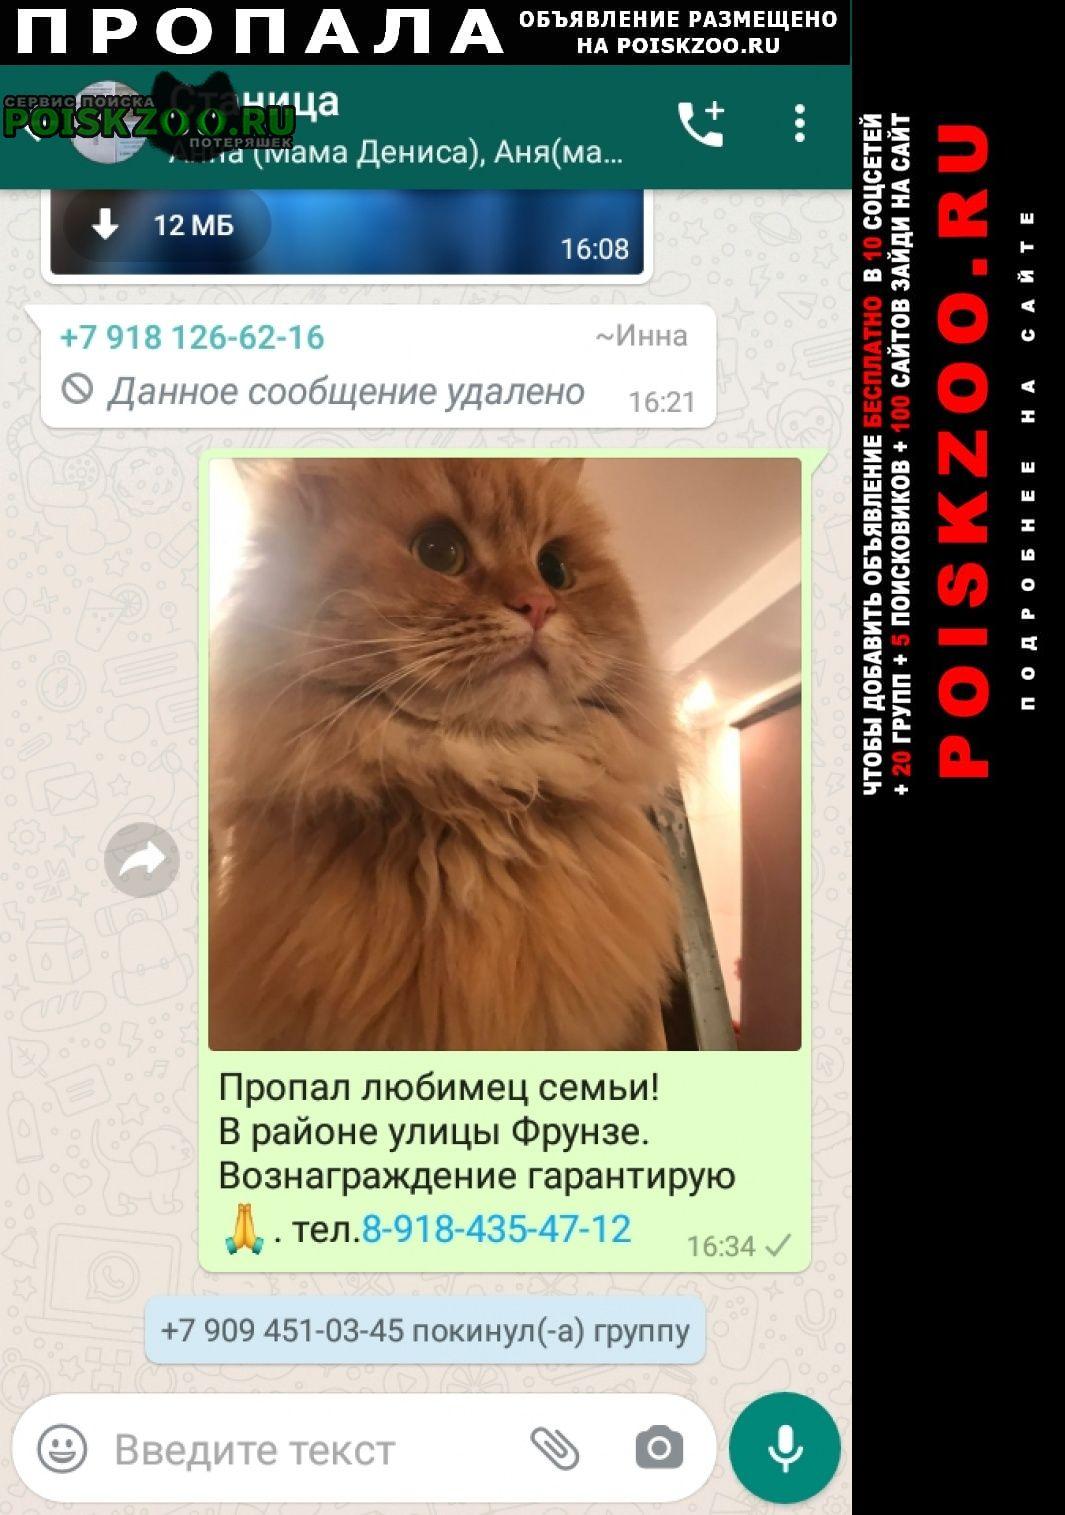 Пропала кошка кот рыжий, кличка леопольд Северская